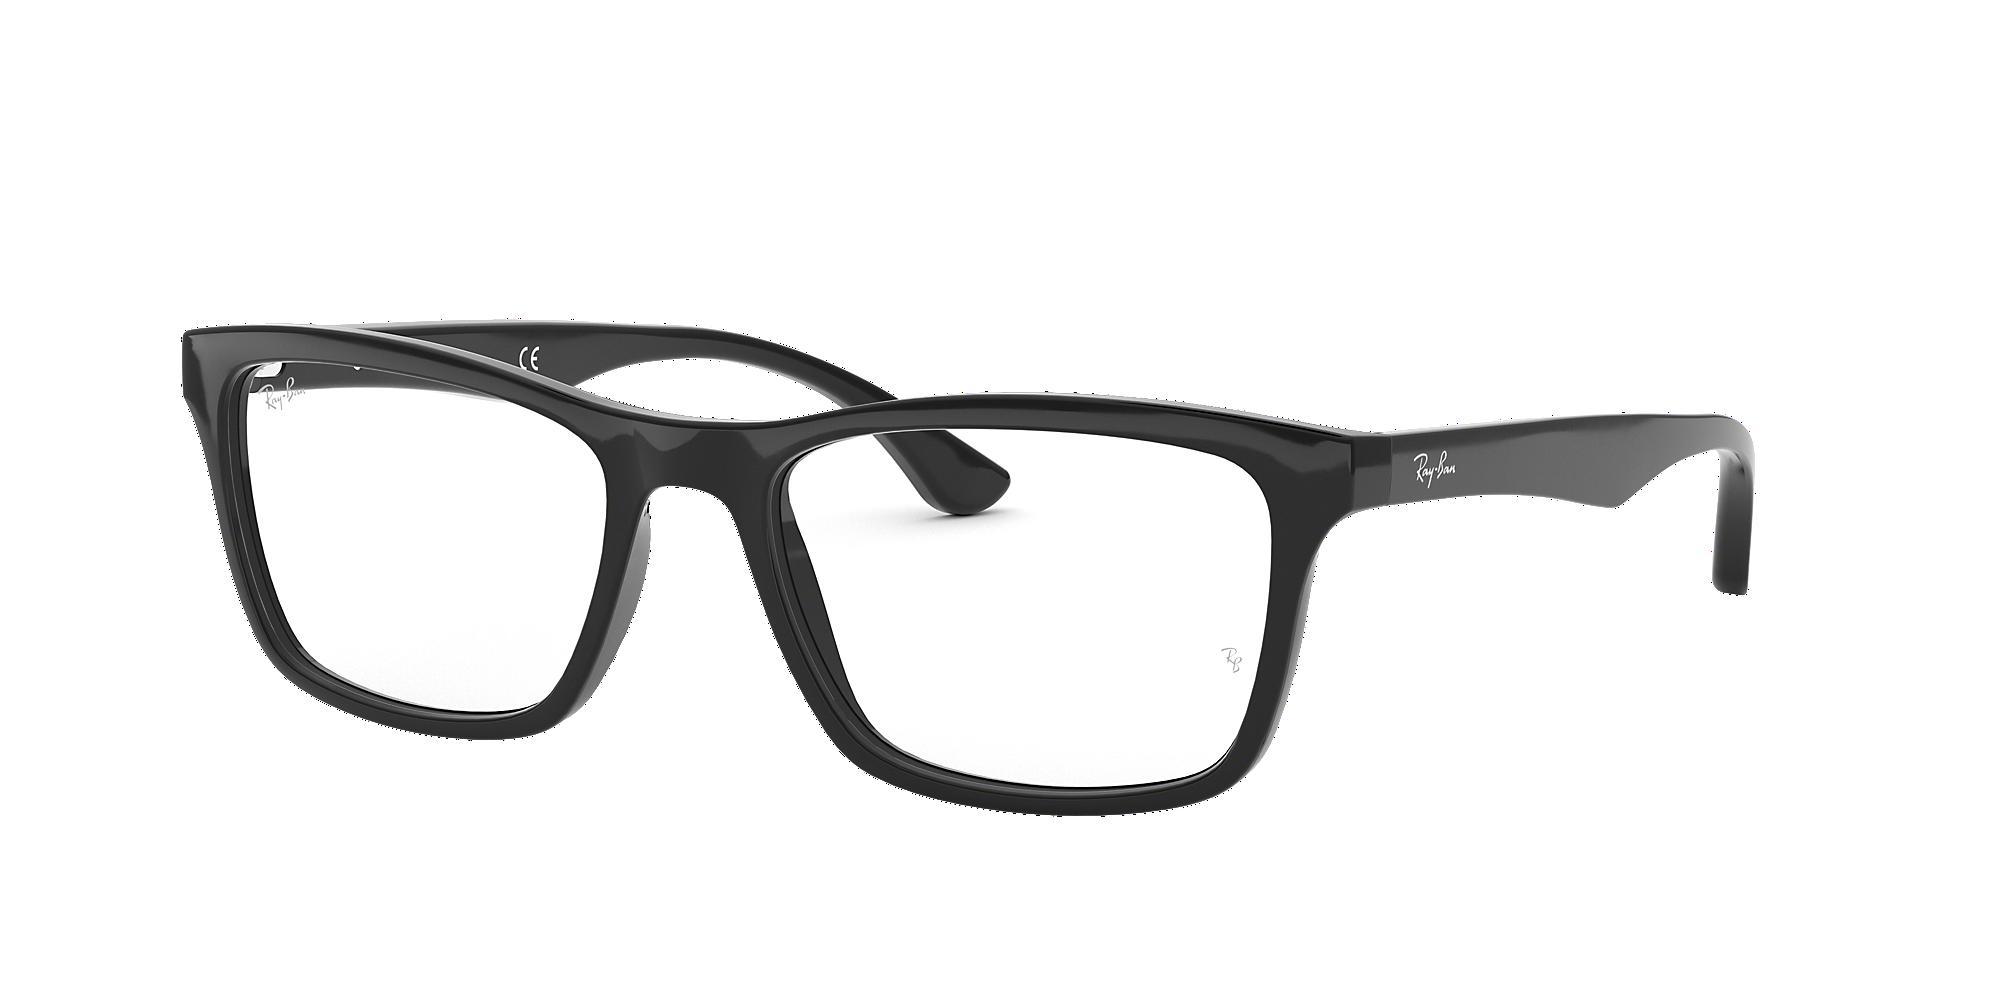 Ray Ban Glass Frame